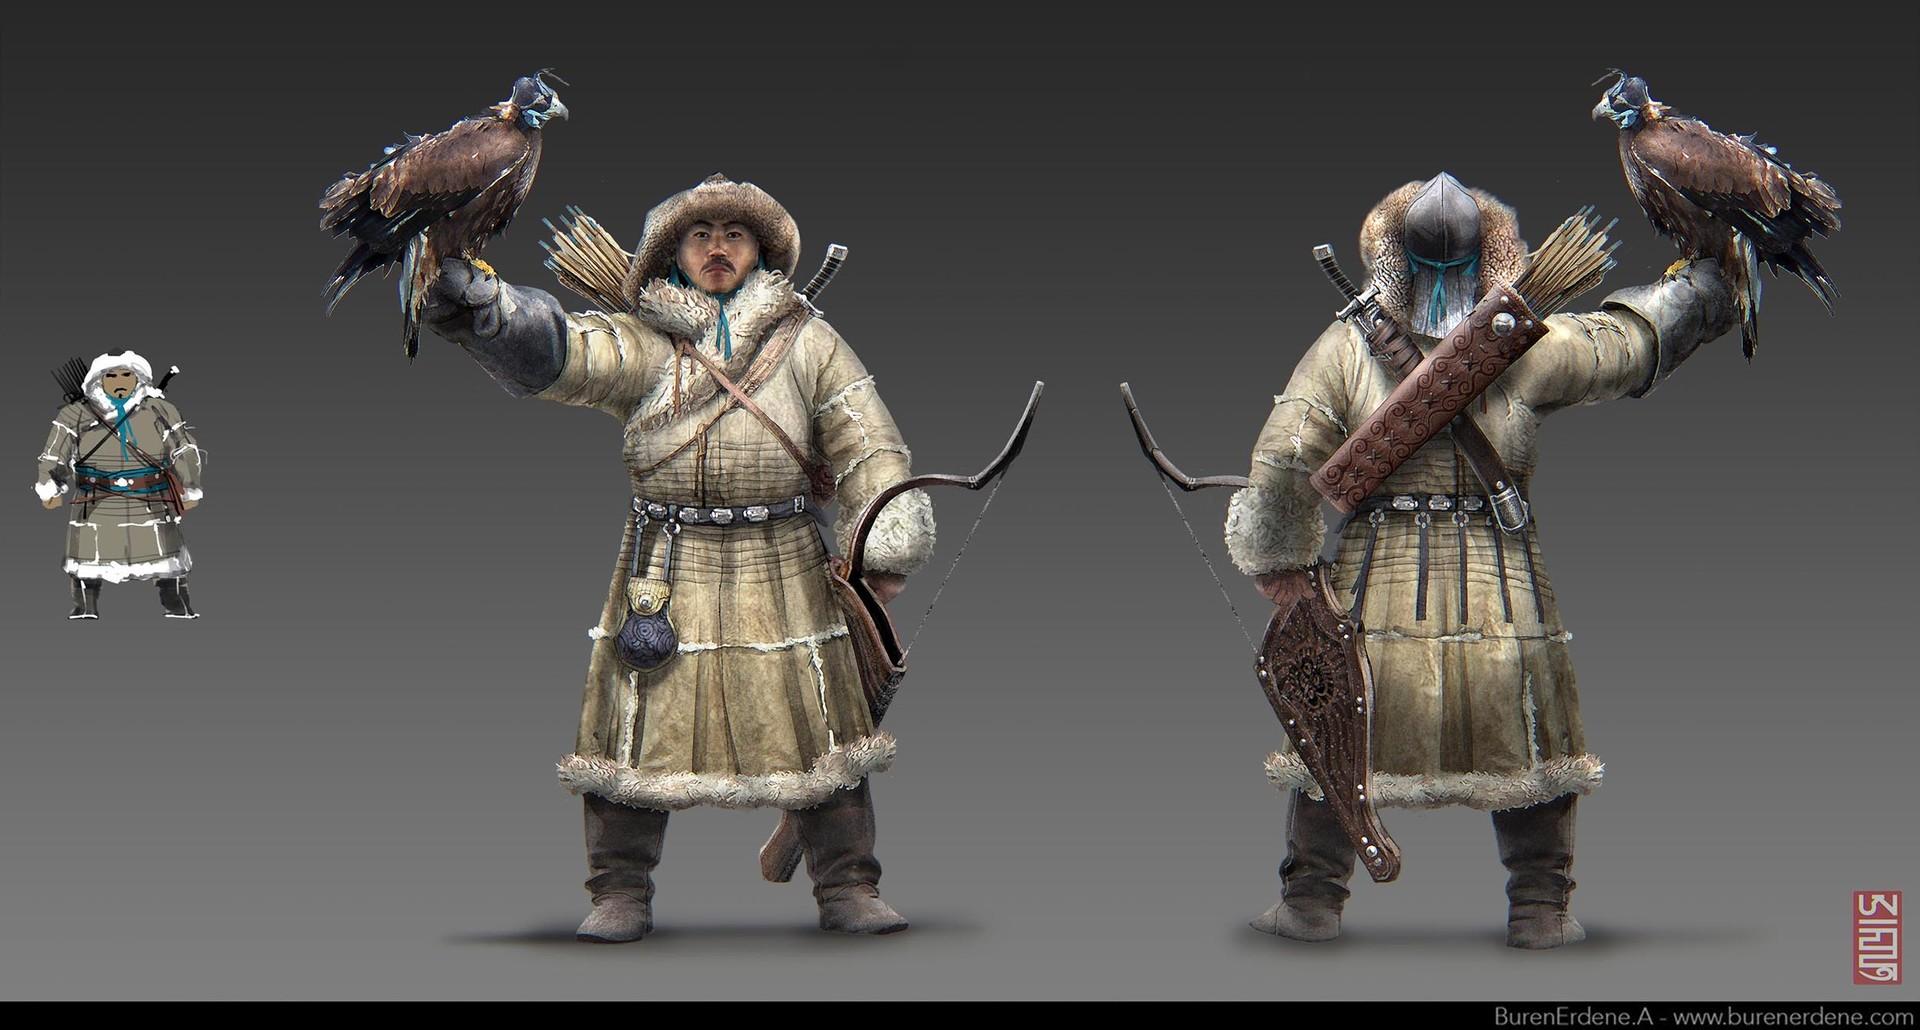 burenerdene-altankhuyag-mongol-men4.jpg?